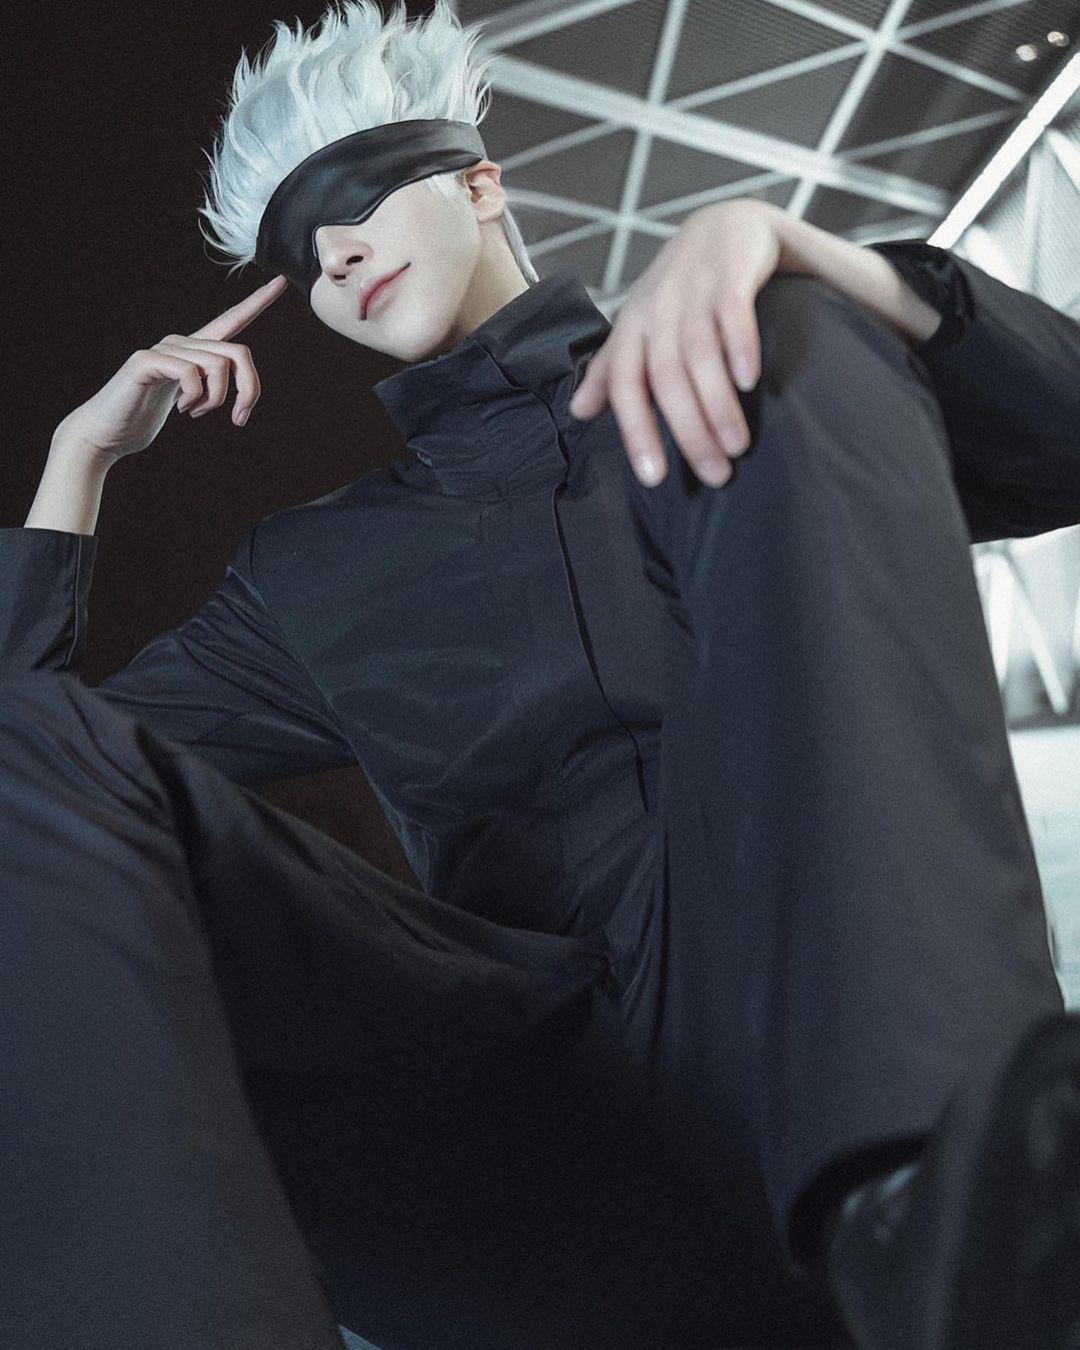 Fotografía del cosplayer Yuuji haciendo de Gojo de 'Jujutsu Kaisen' desde un pma o bajo en el que se le.ve sentado y mirando en dirección a la cámara.